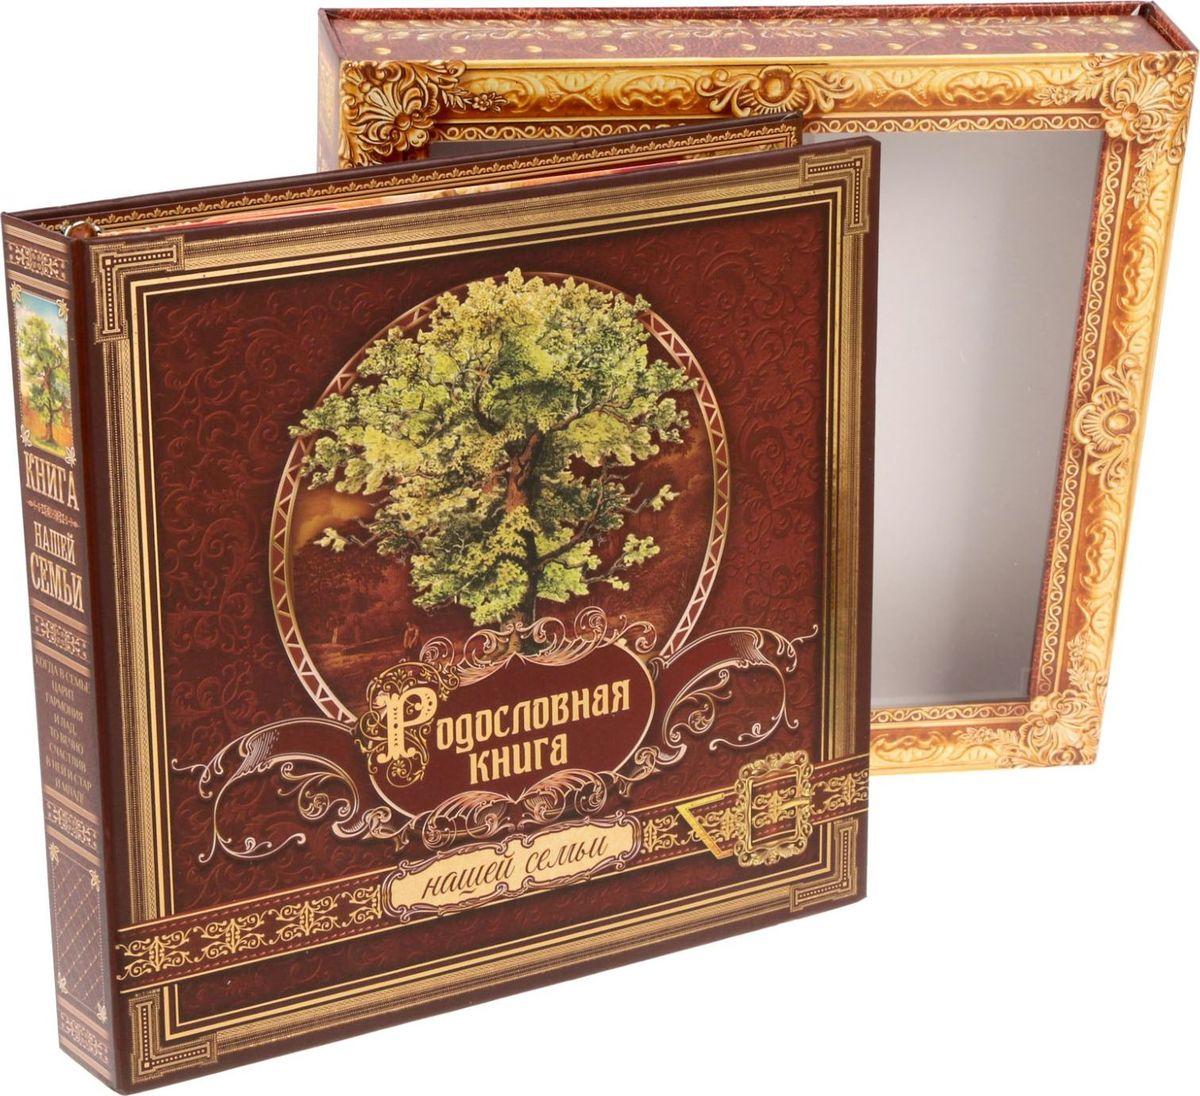 Родословная книга Книга нашей семьи, 30 х 30 х 4,5 см анастасян с книга моей семьи